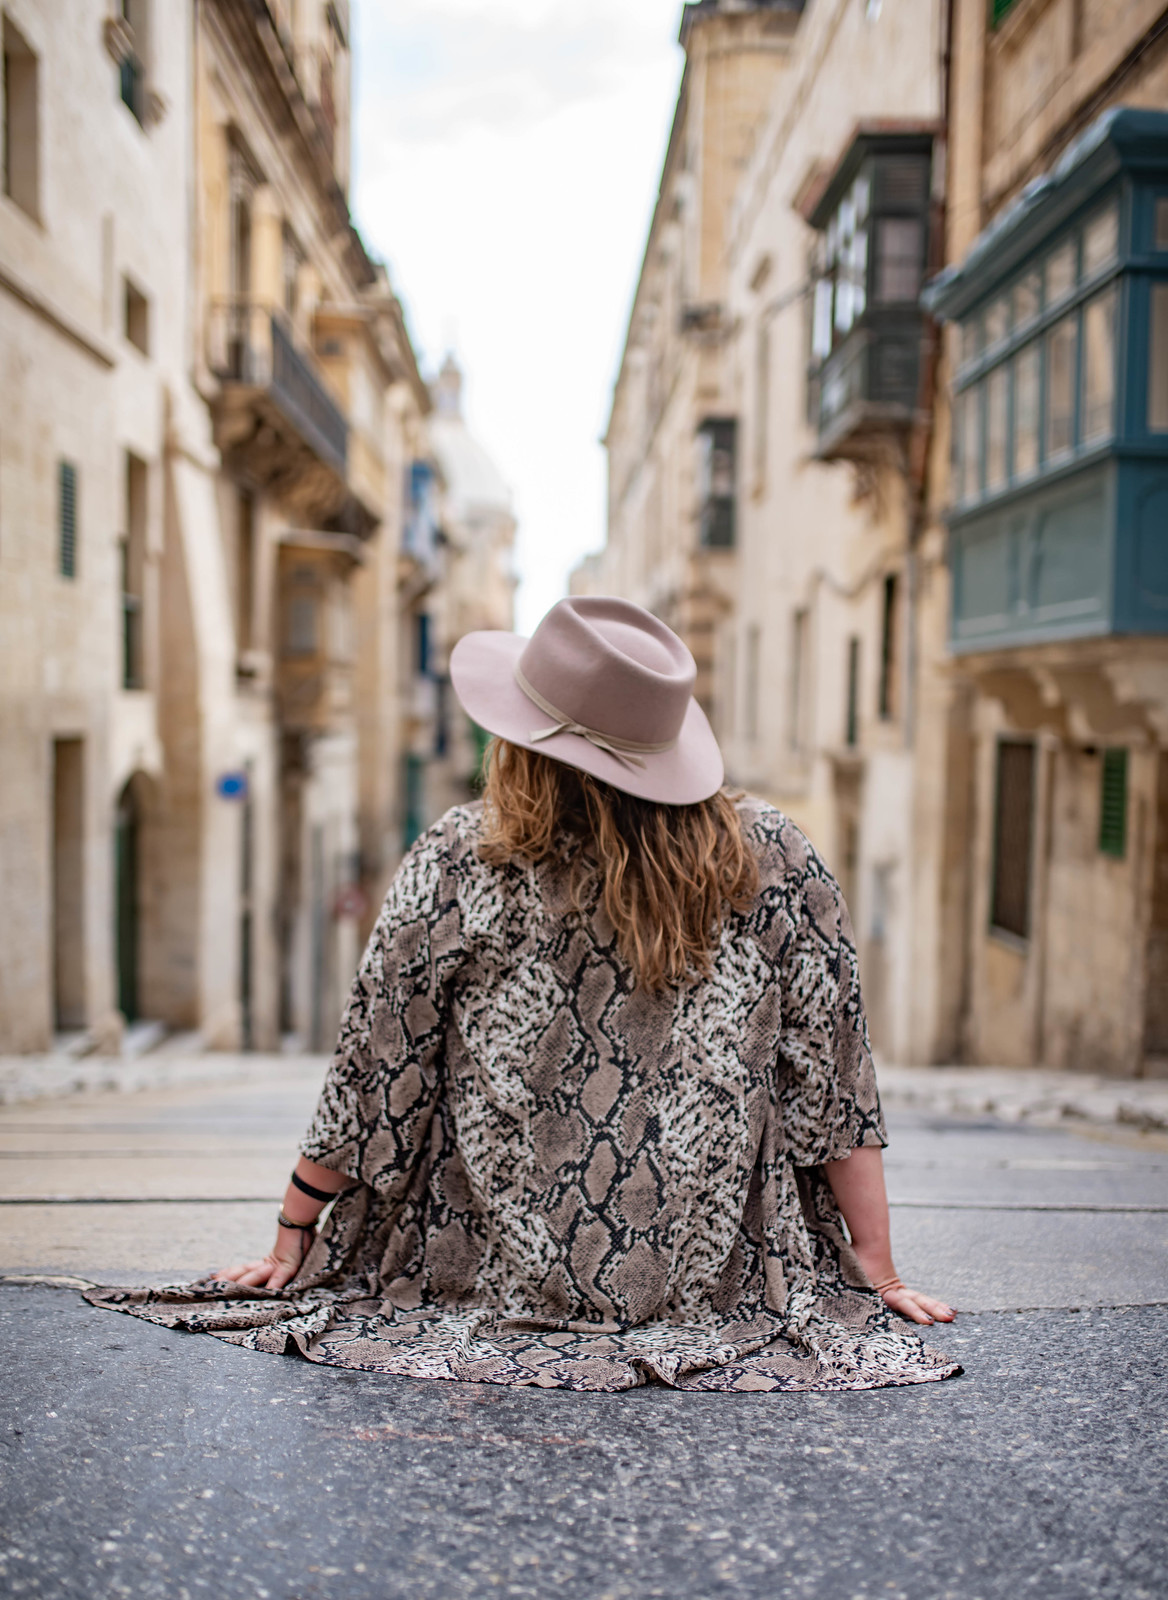 malta travel guide